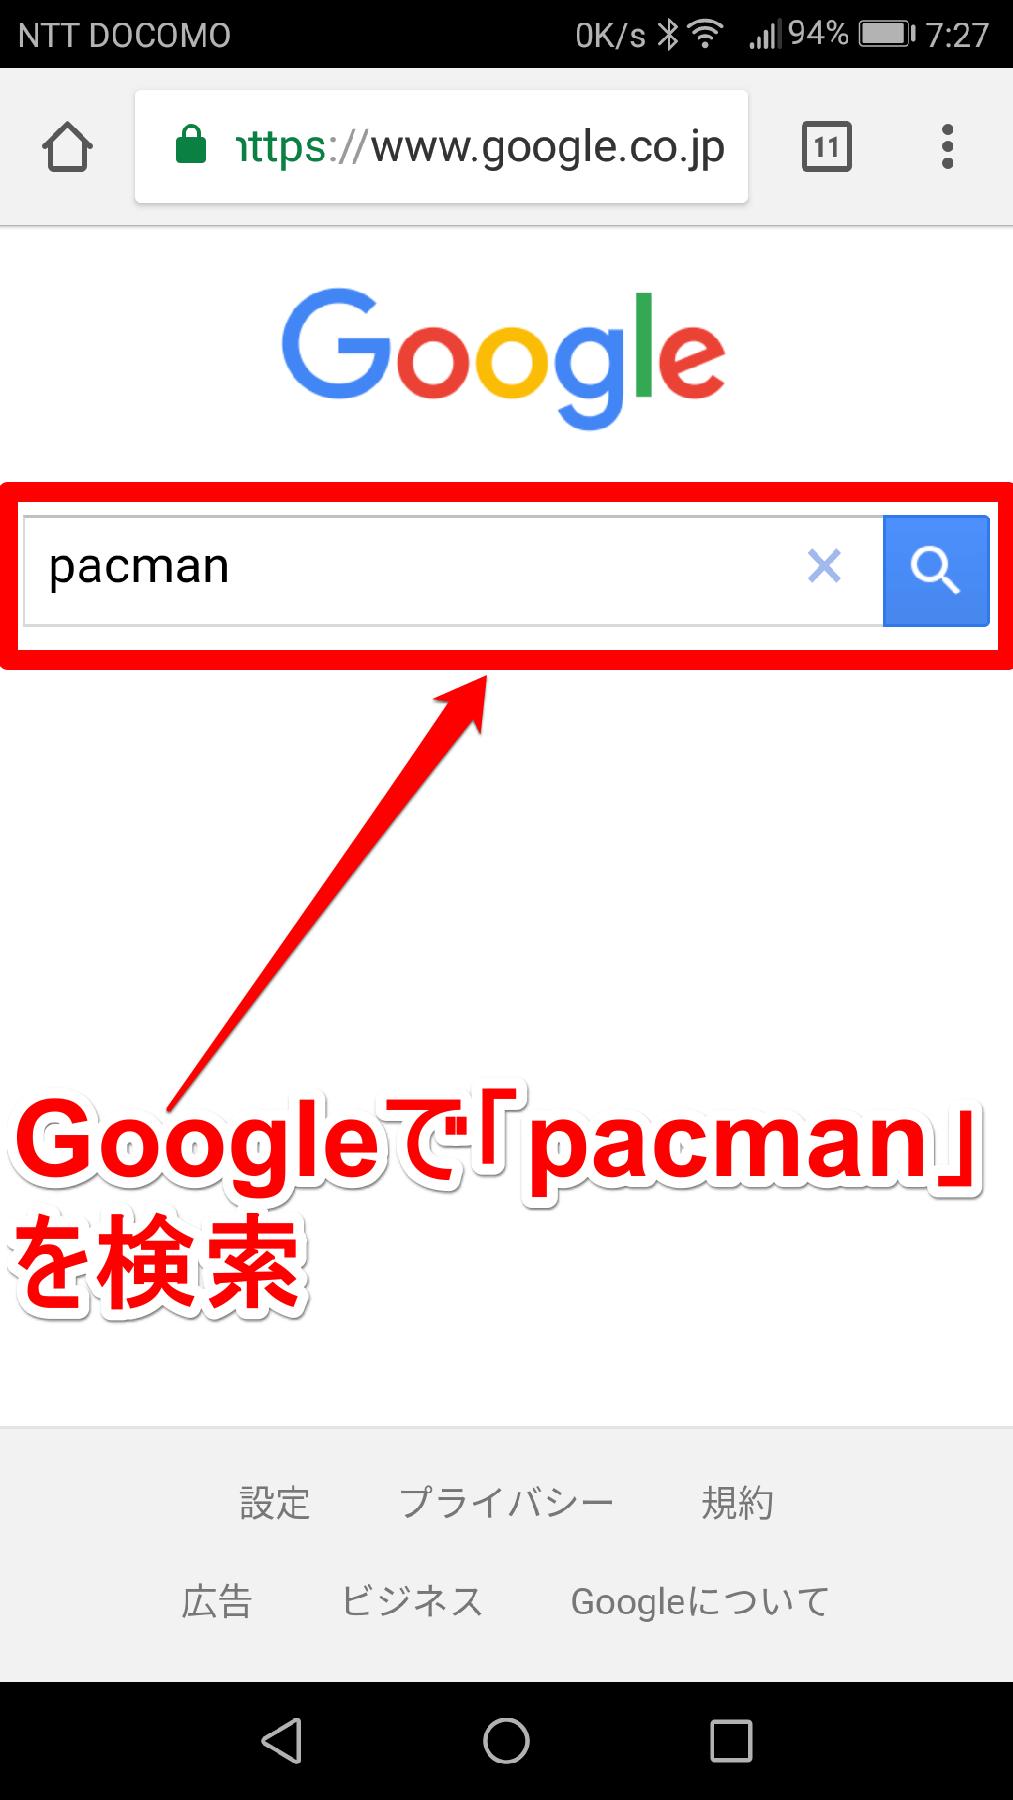 グーグルで「pacman」を検索する画面